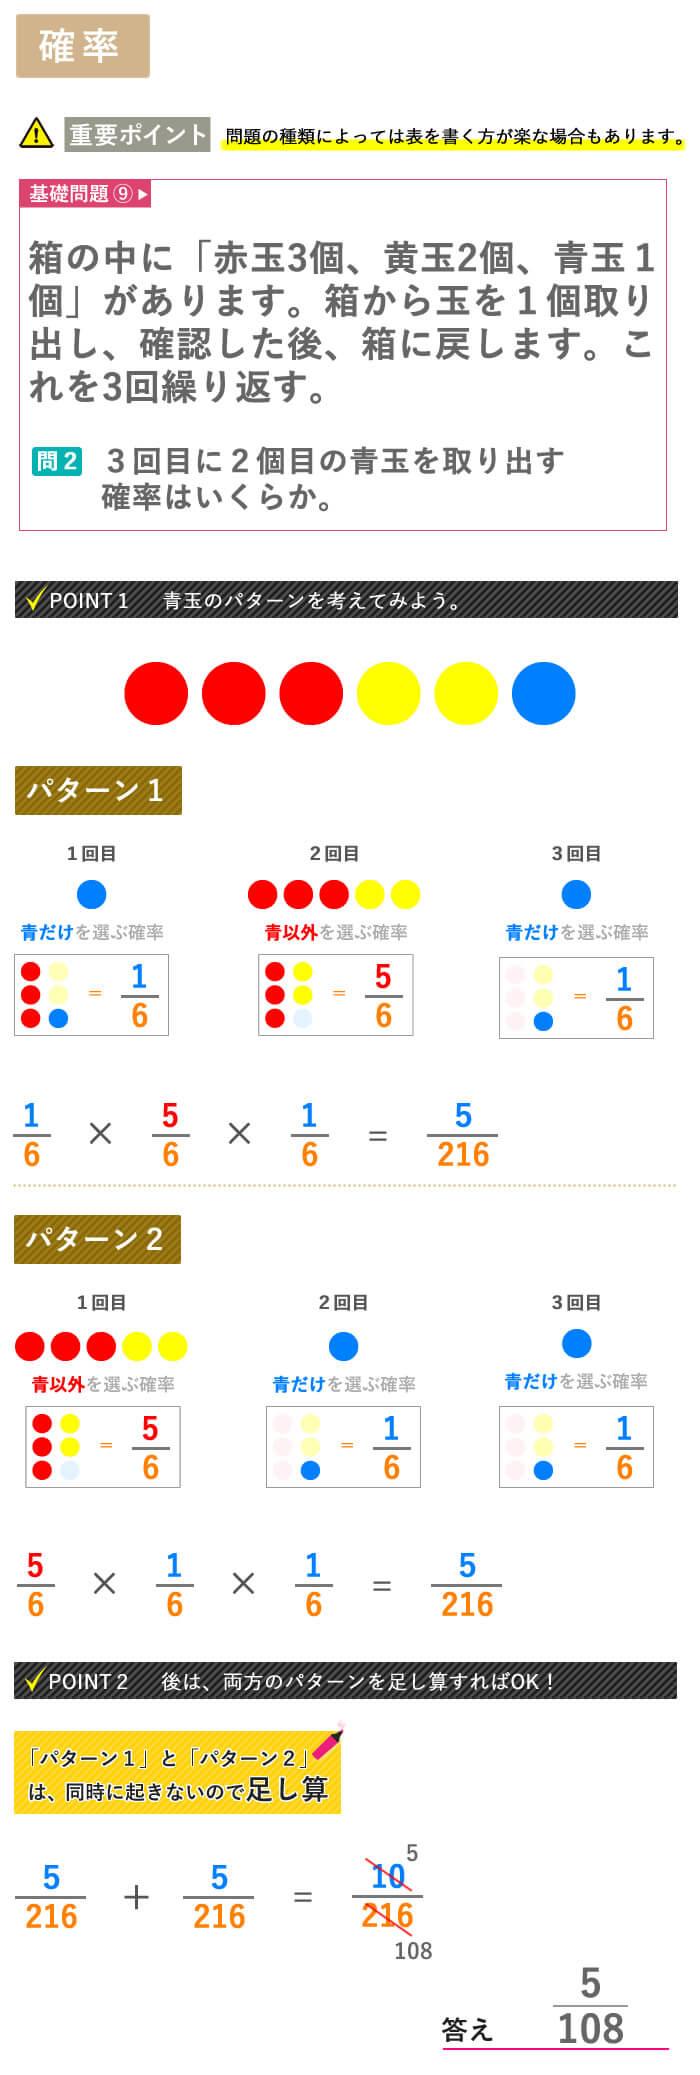 看護予備校大阪KAZアカデミーの場合の数、【確率 その10】画像